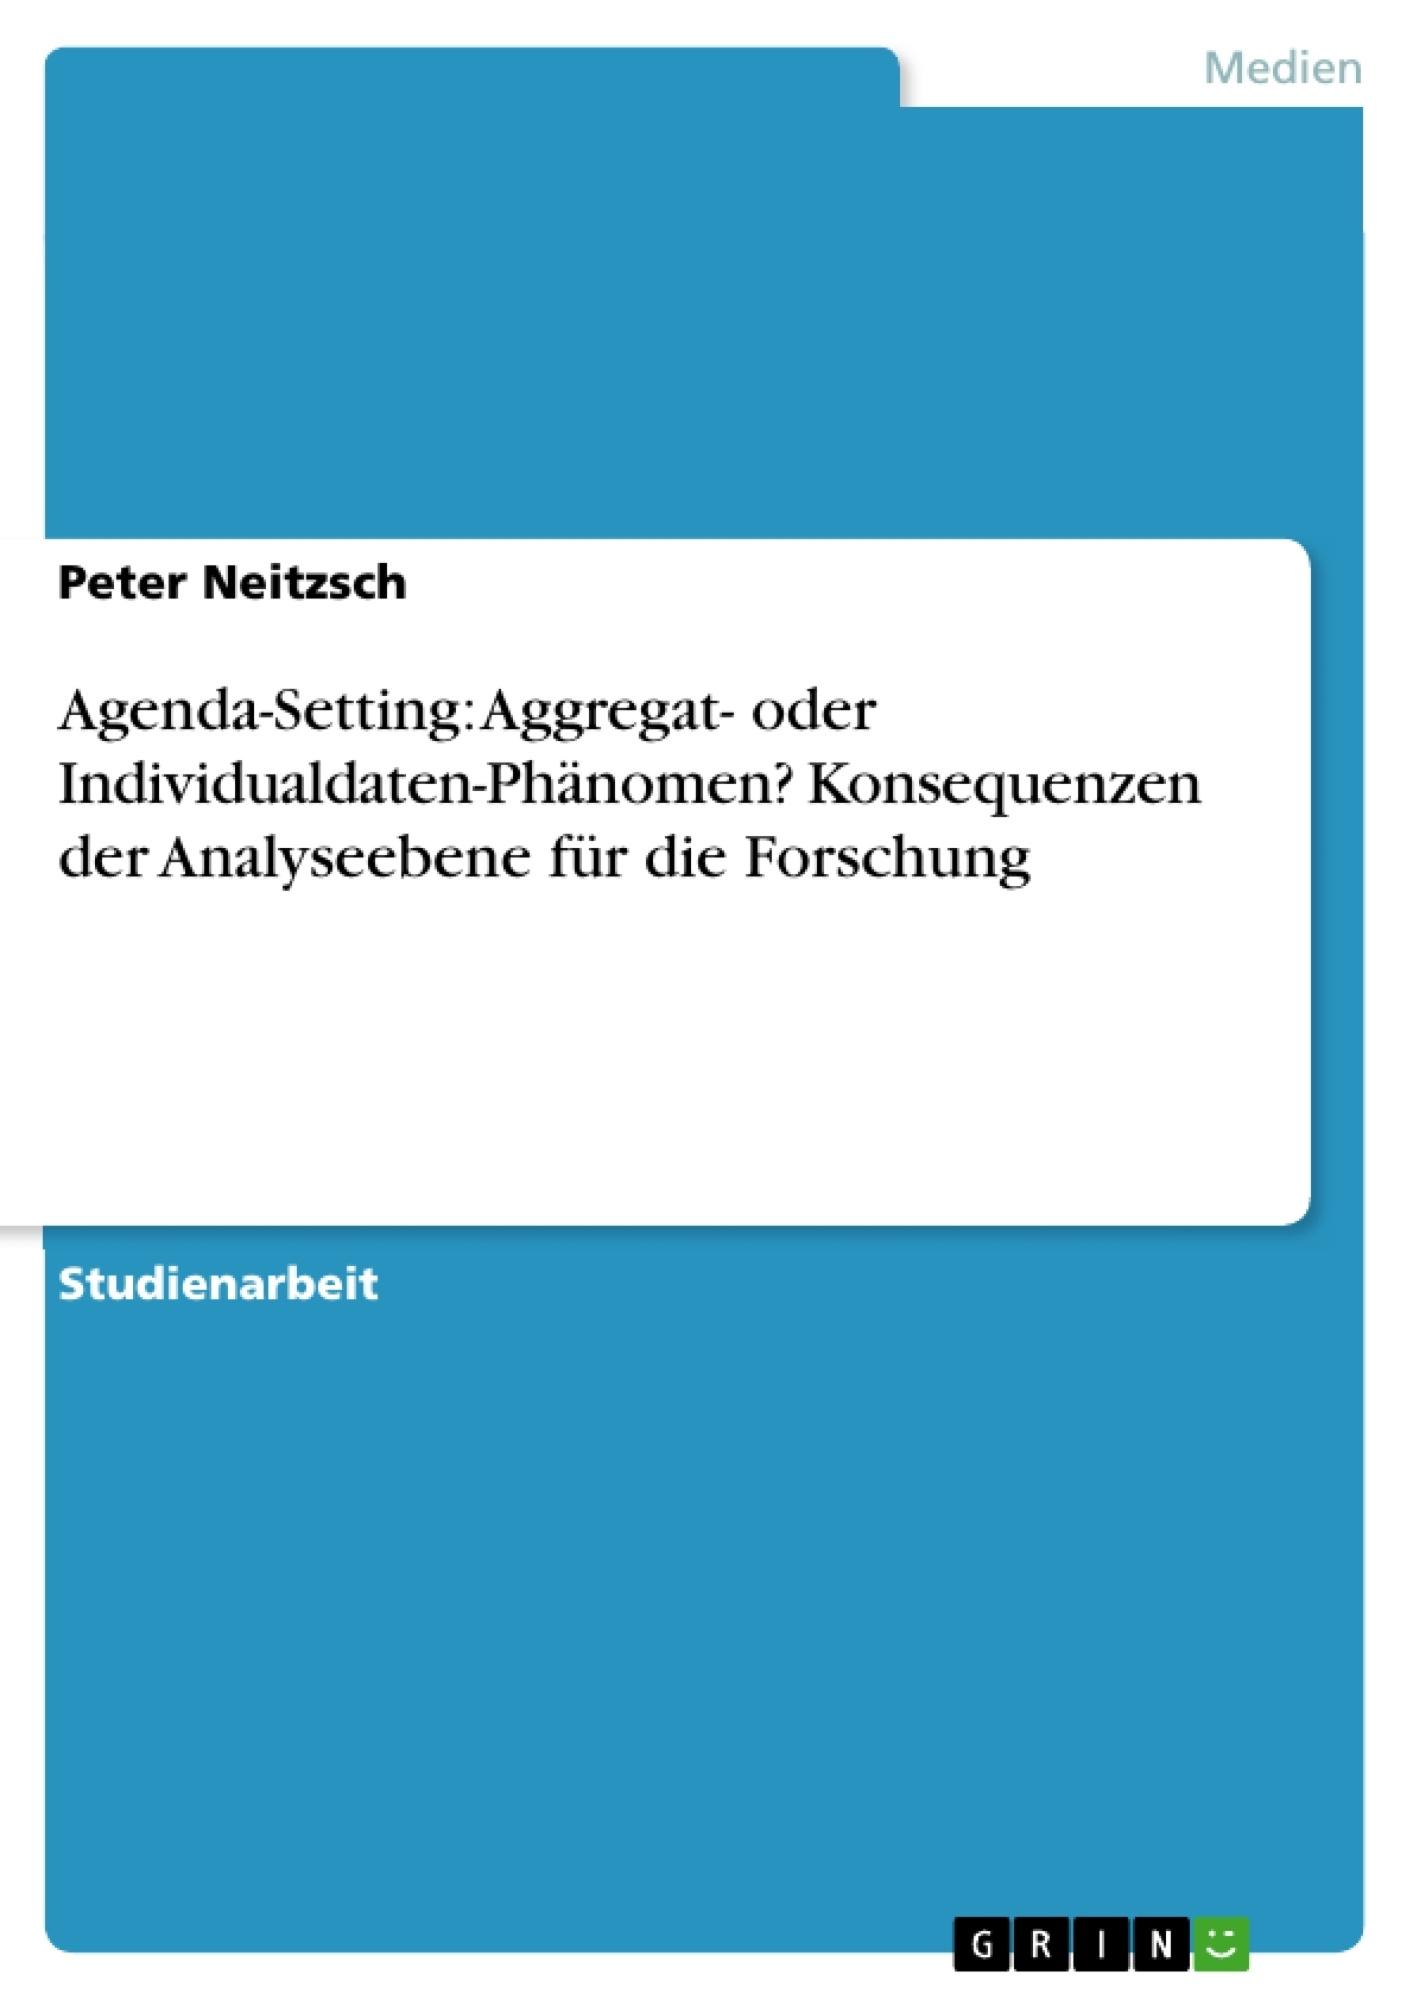 Titel: Agenda-Setting: Aggregat- oder Individualdaten-Phänomen? Konsequenzen der Analyseebene für die Forschung